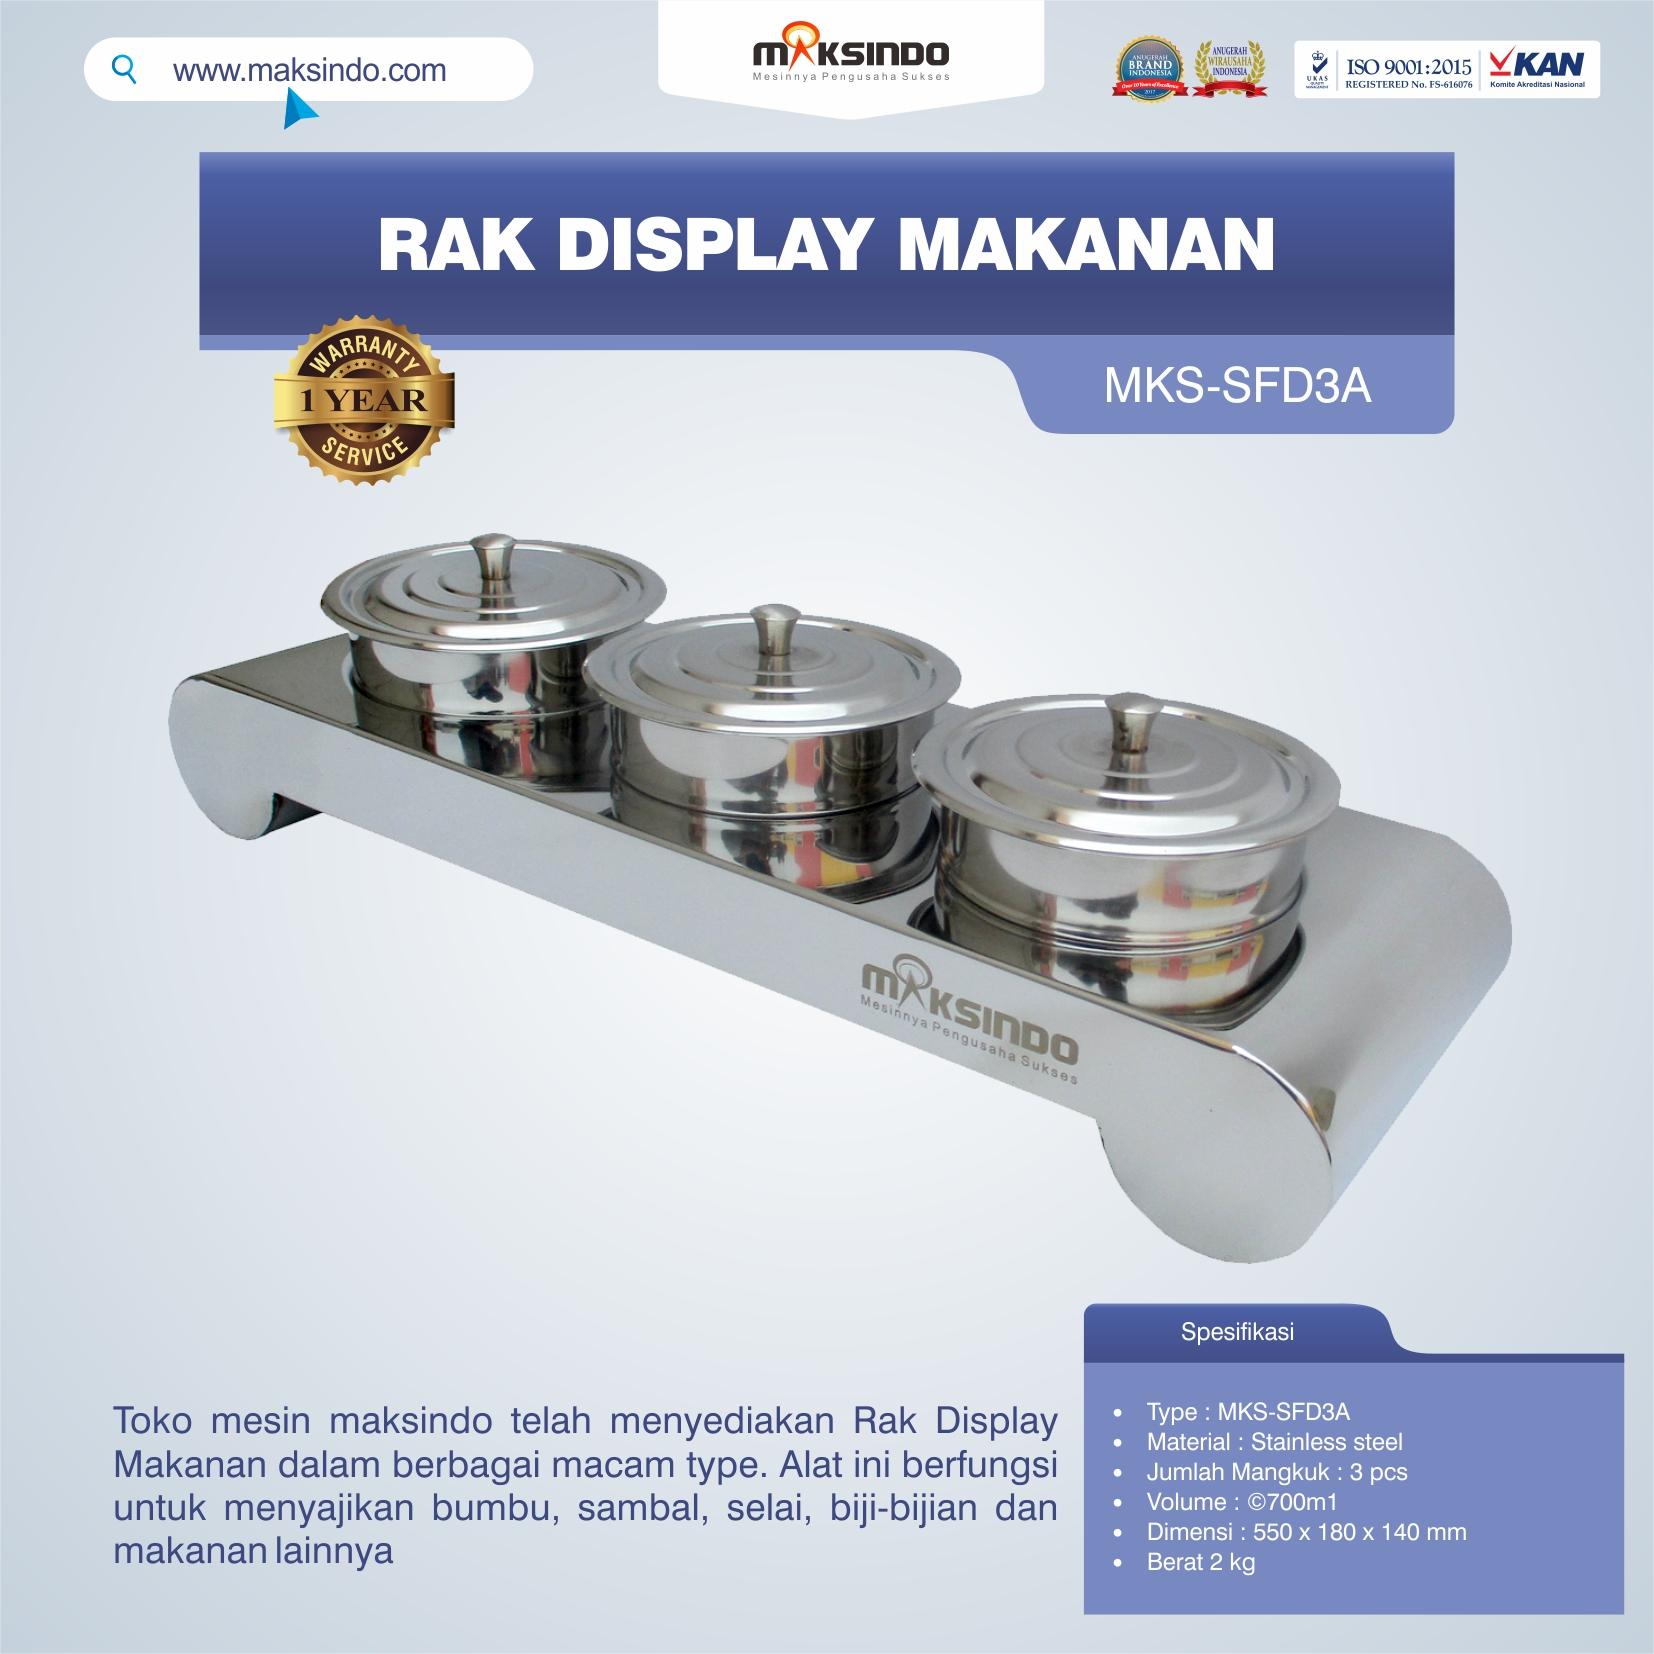 ual Rak Display Makanan di Bandung